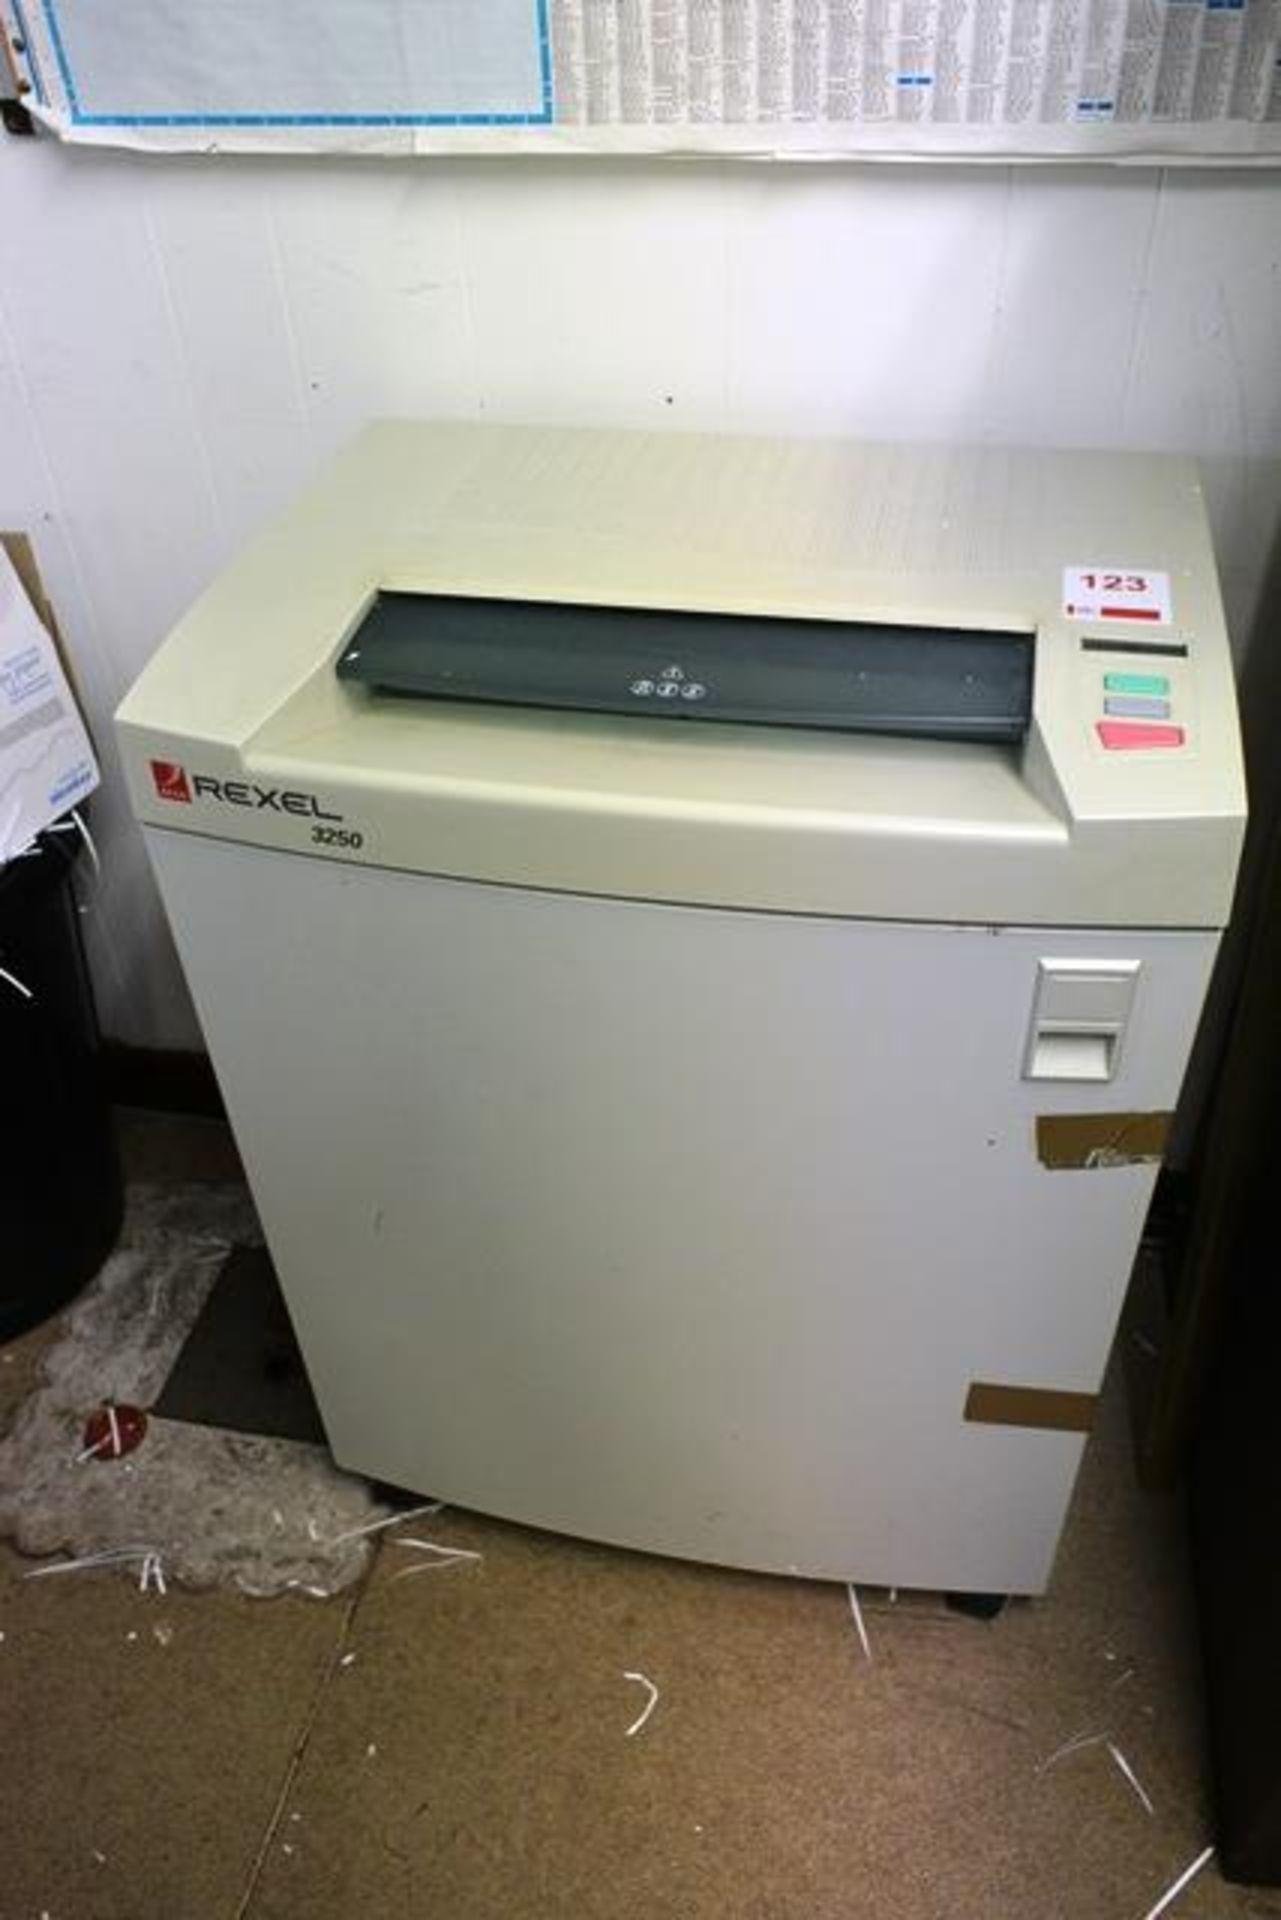 Lot 123 - Rexel 3250 paper shredder